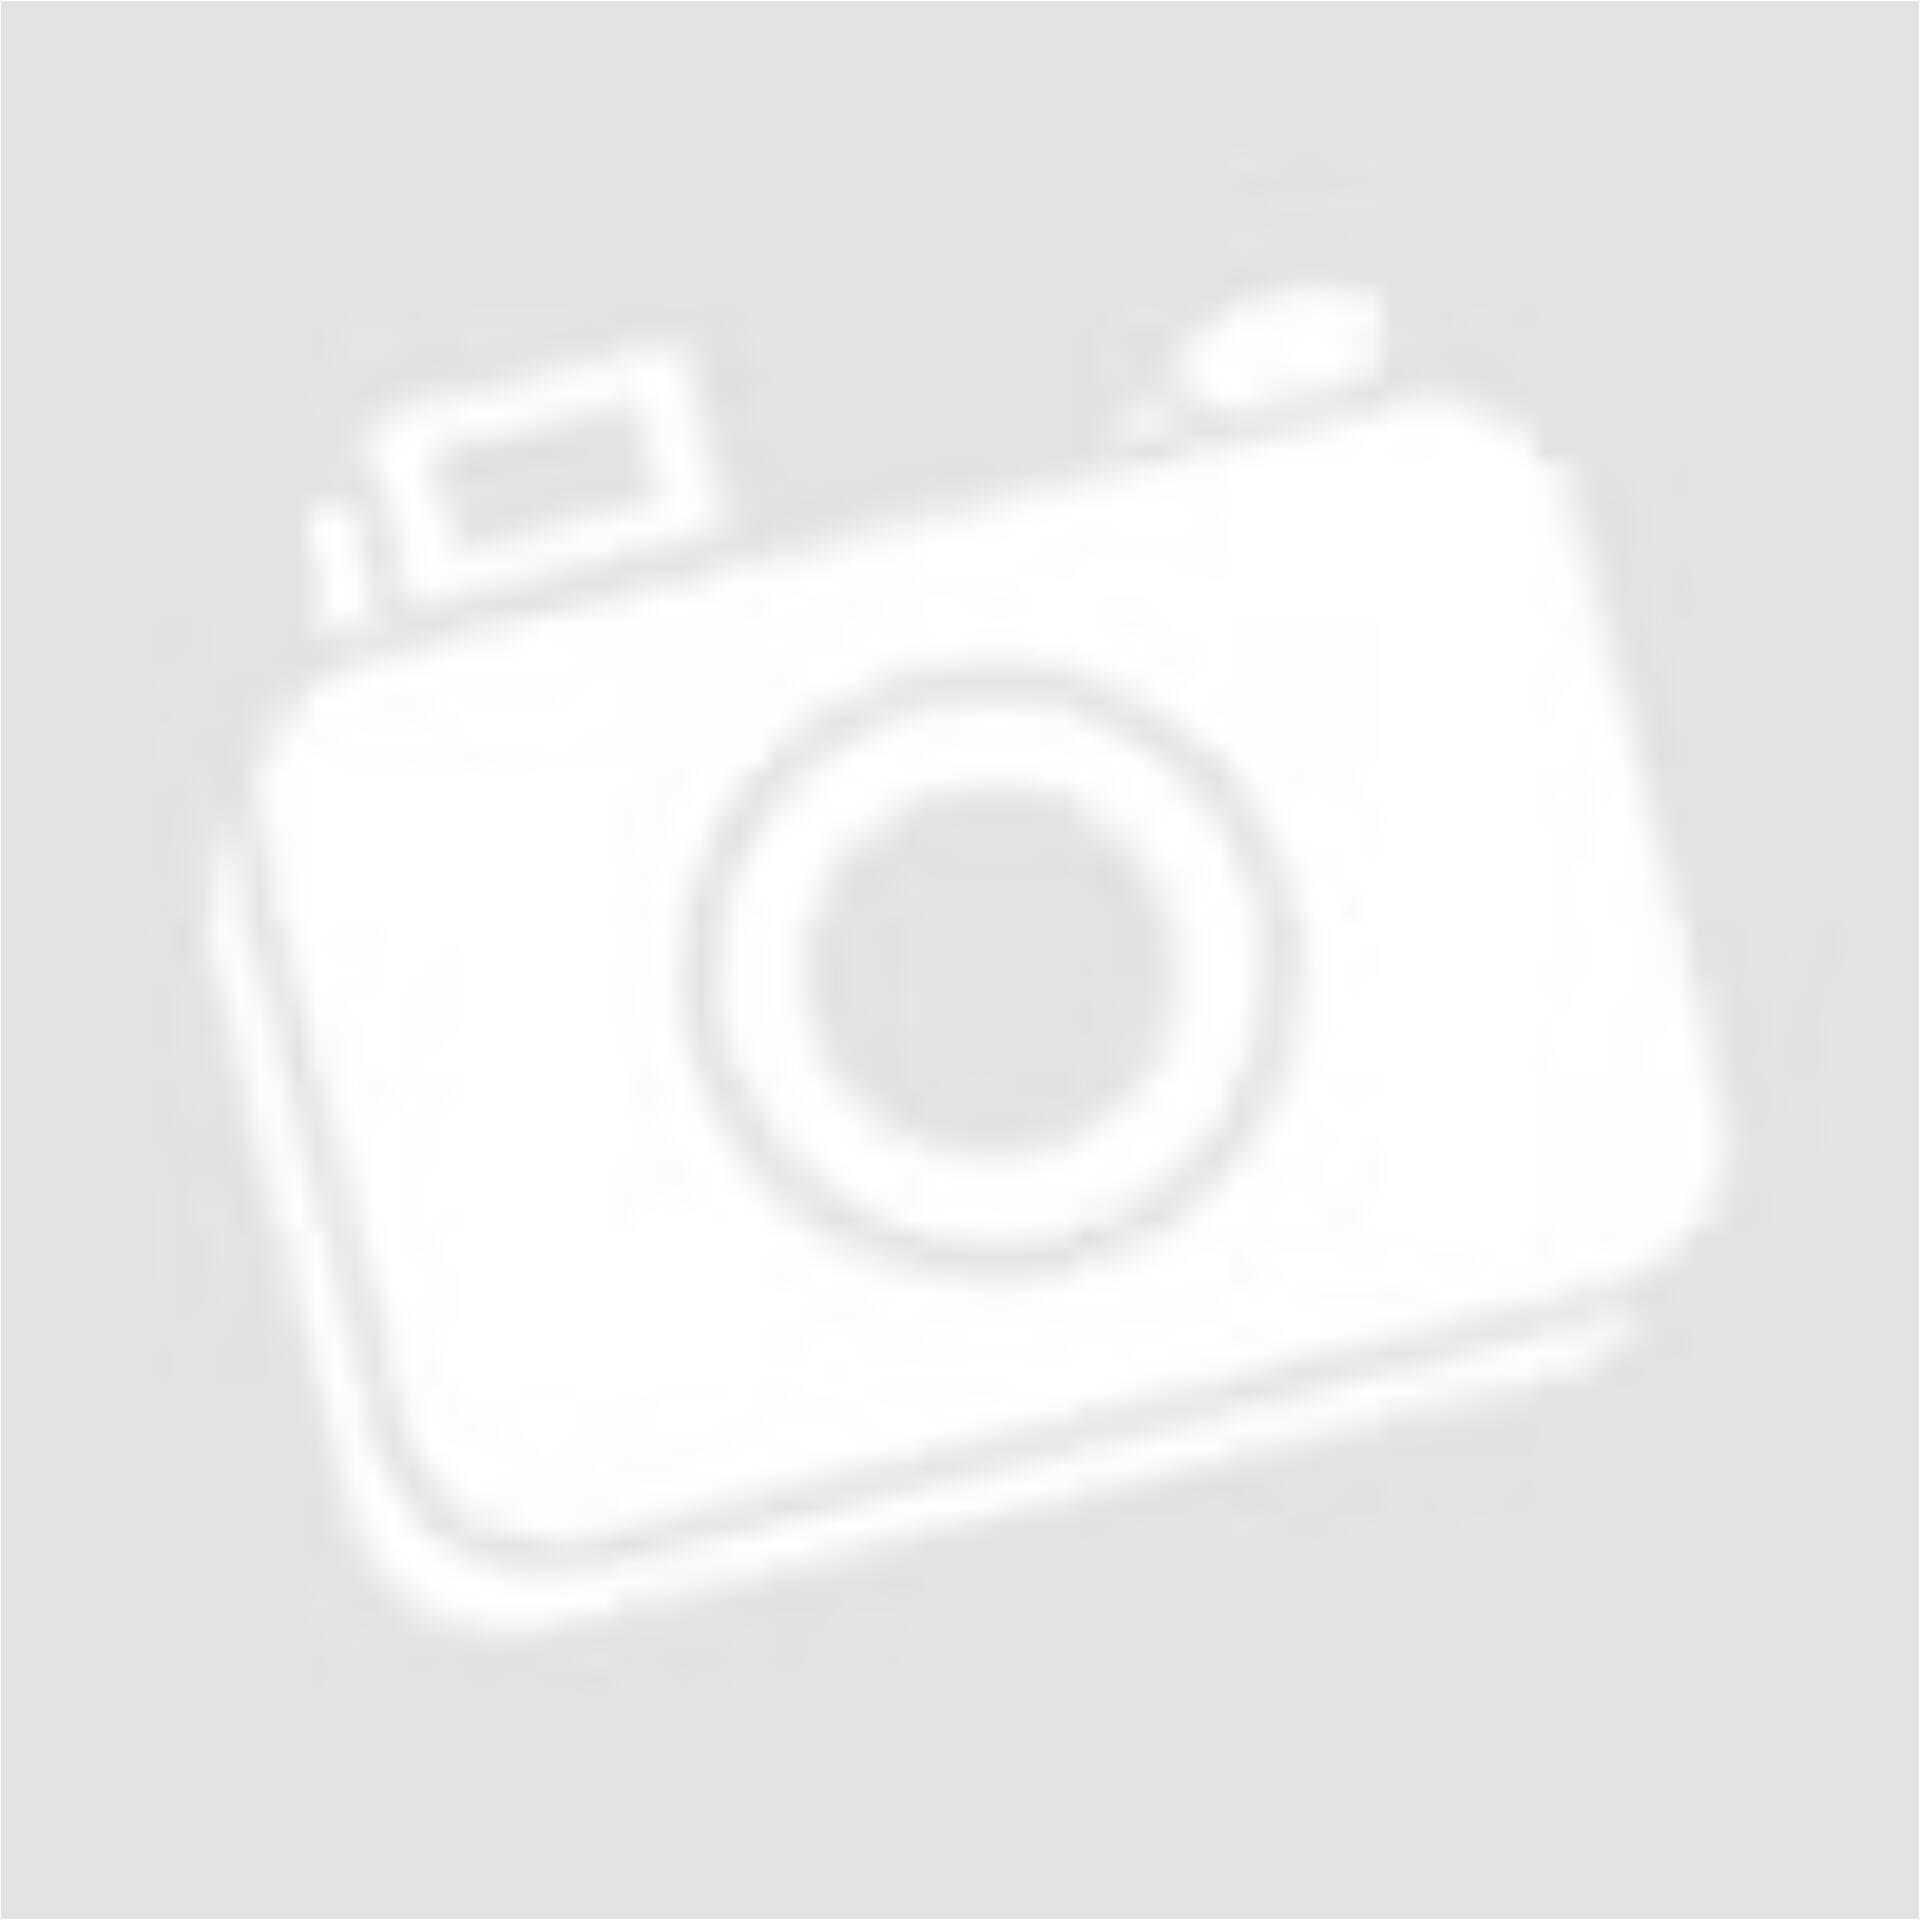 85cd82e348 Sárga, csipkés topp (Méret: M) - Női póló, trikó, topp, body ...